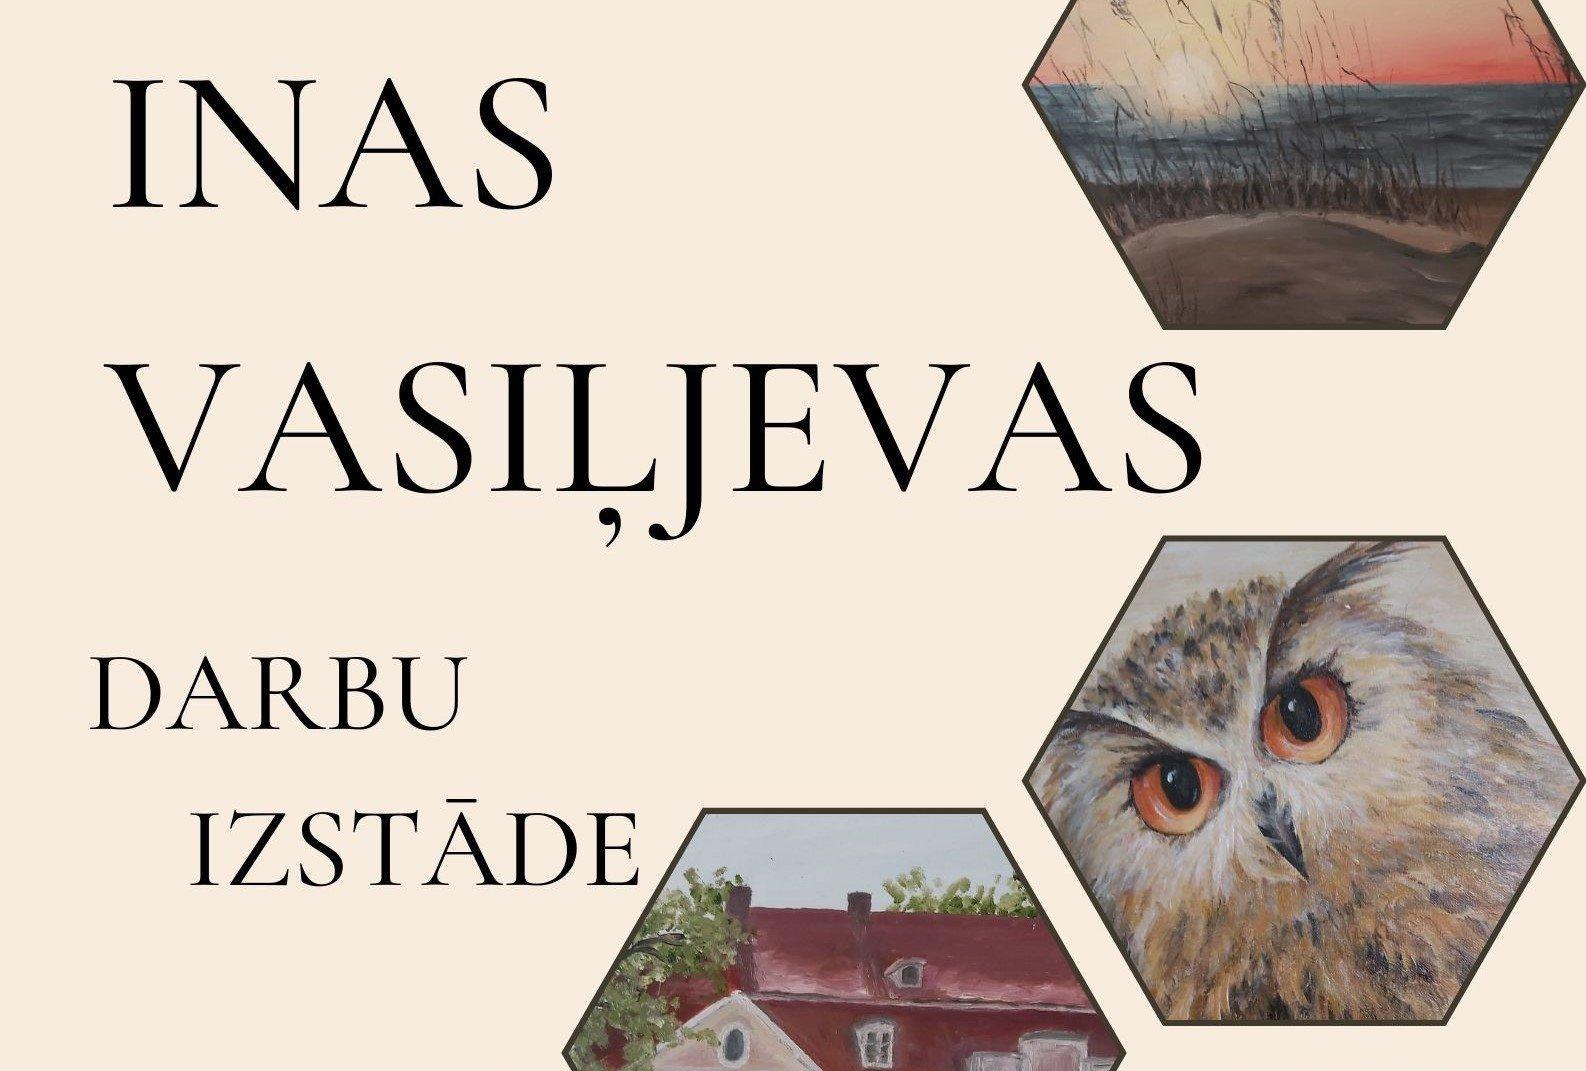 Puikules muižā apskatāma Inas Vasiļjevas darbu izstāde